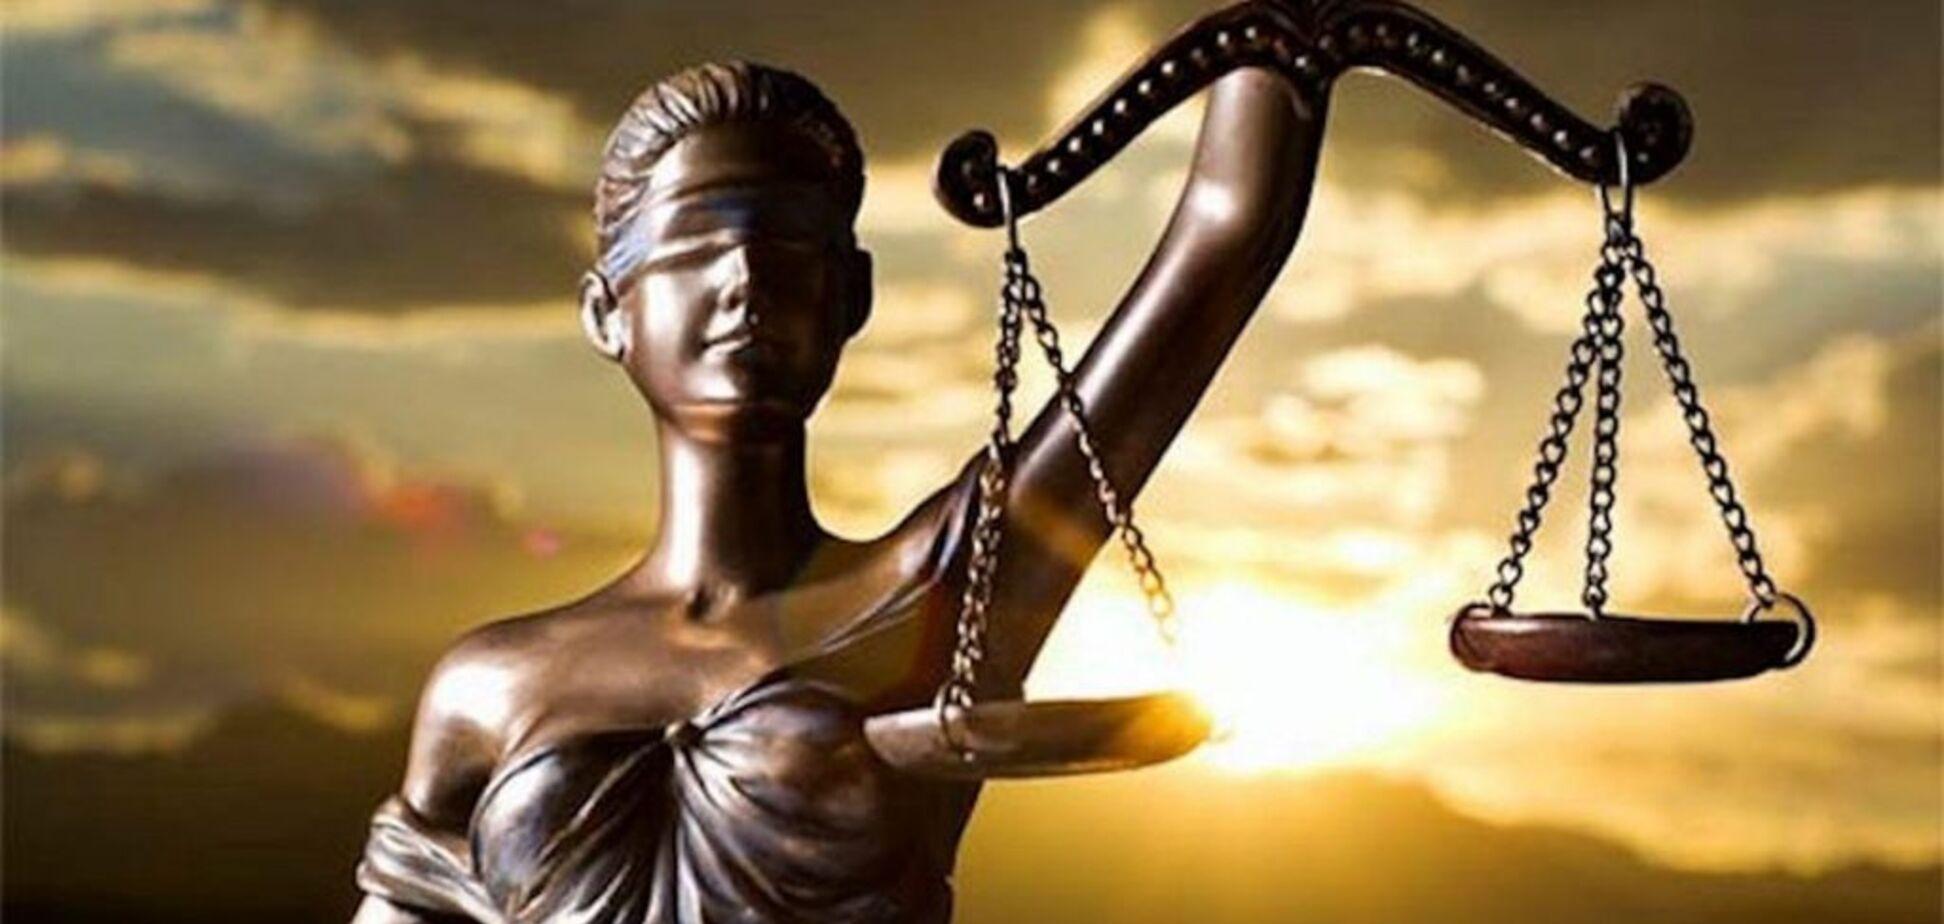 вибух рівне суддя